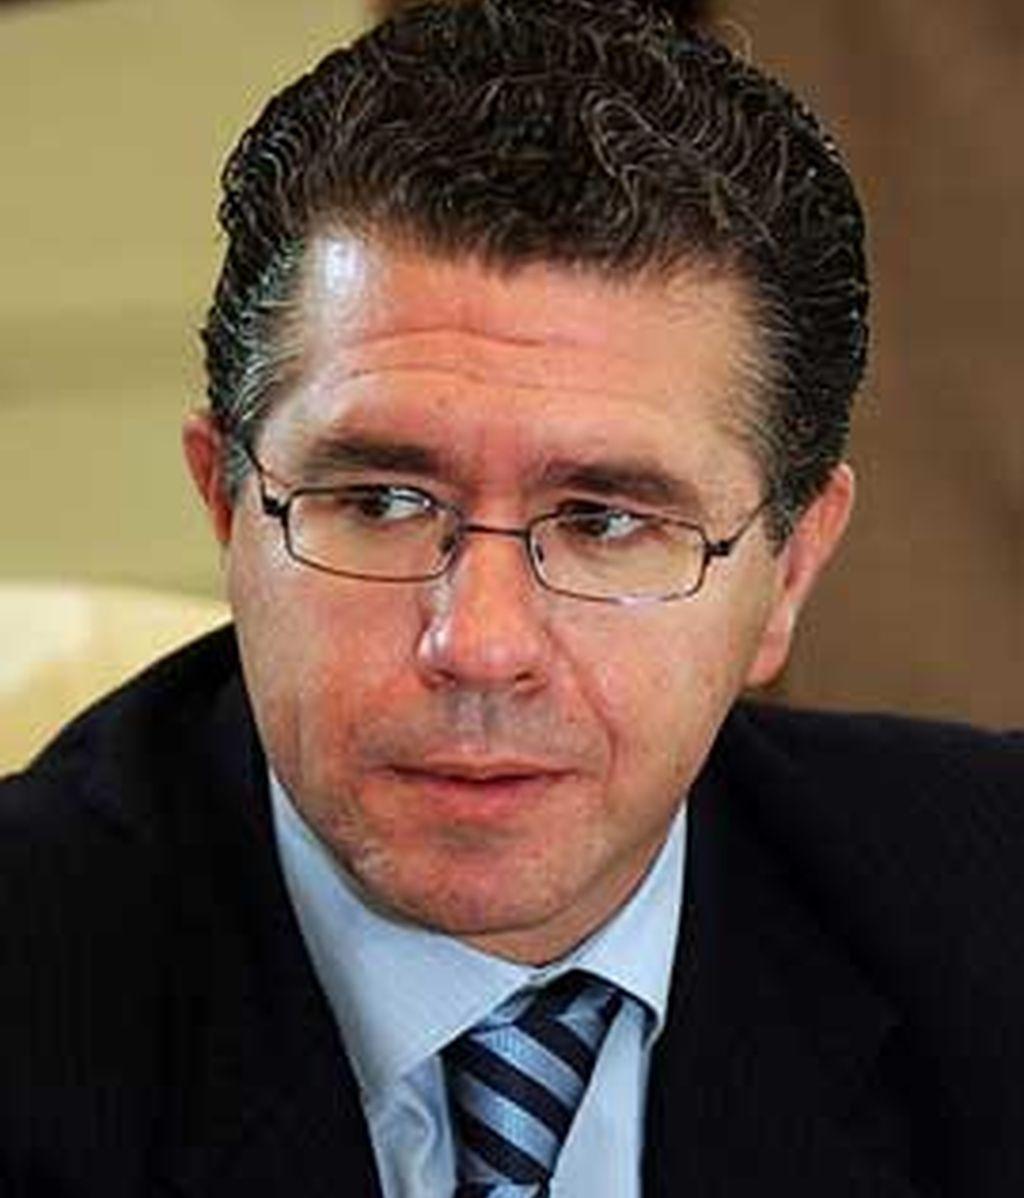 Francisco Granados se ha visto envuelto en varios escándalos sobre presuntas relaciones con constructores. Vídeo: ATLAS